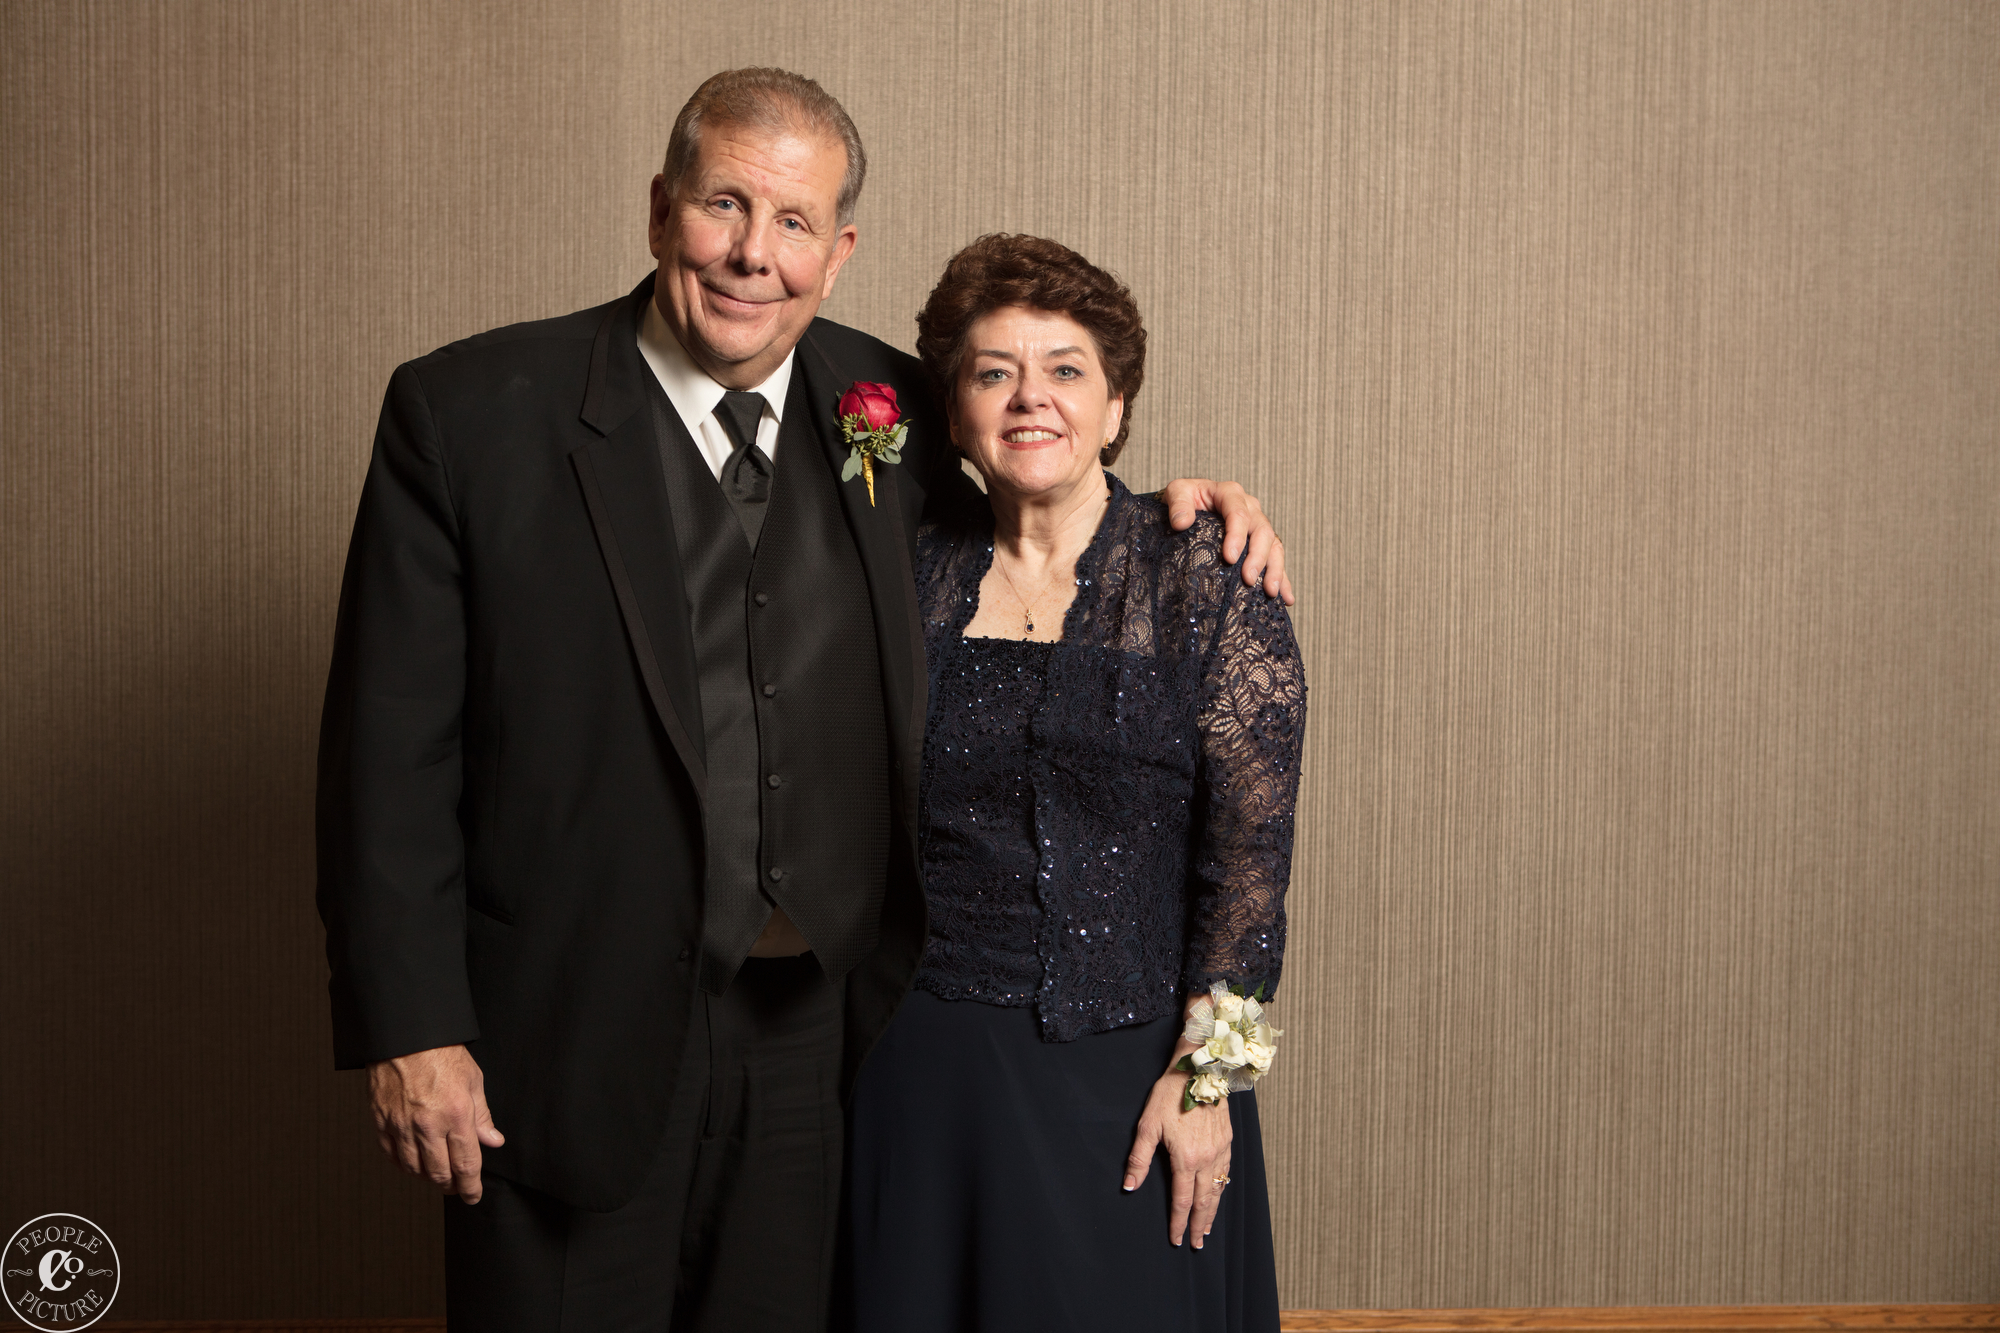 wedding-3744.jpg